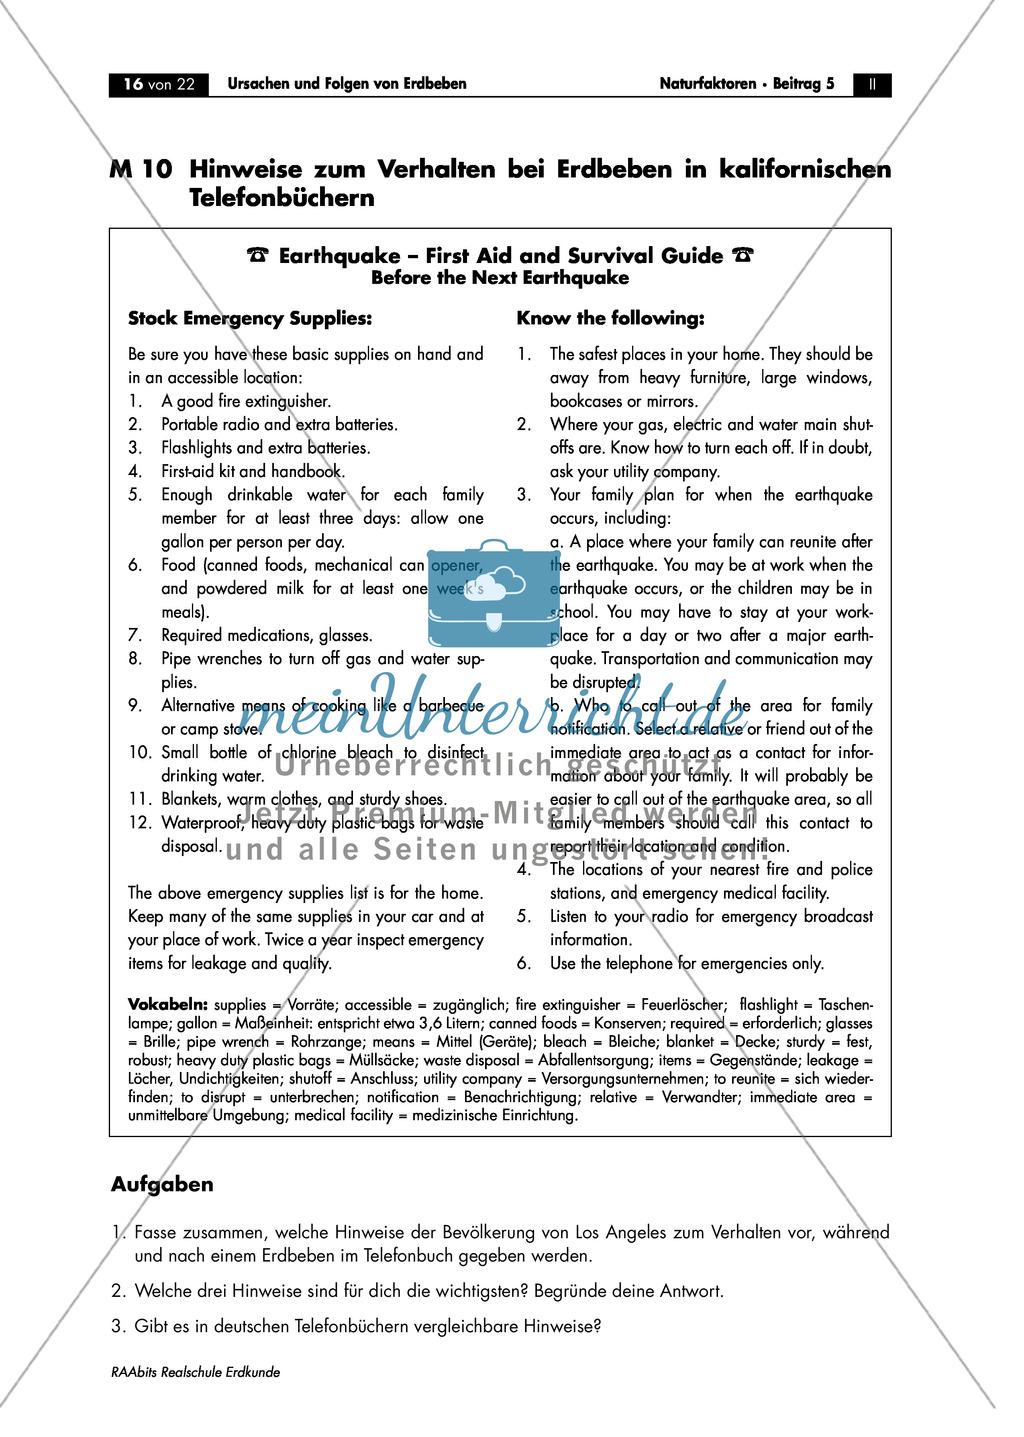 Erdbeben: Schutzmaßnahmen + Verhaltensregeln Preview 1